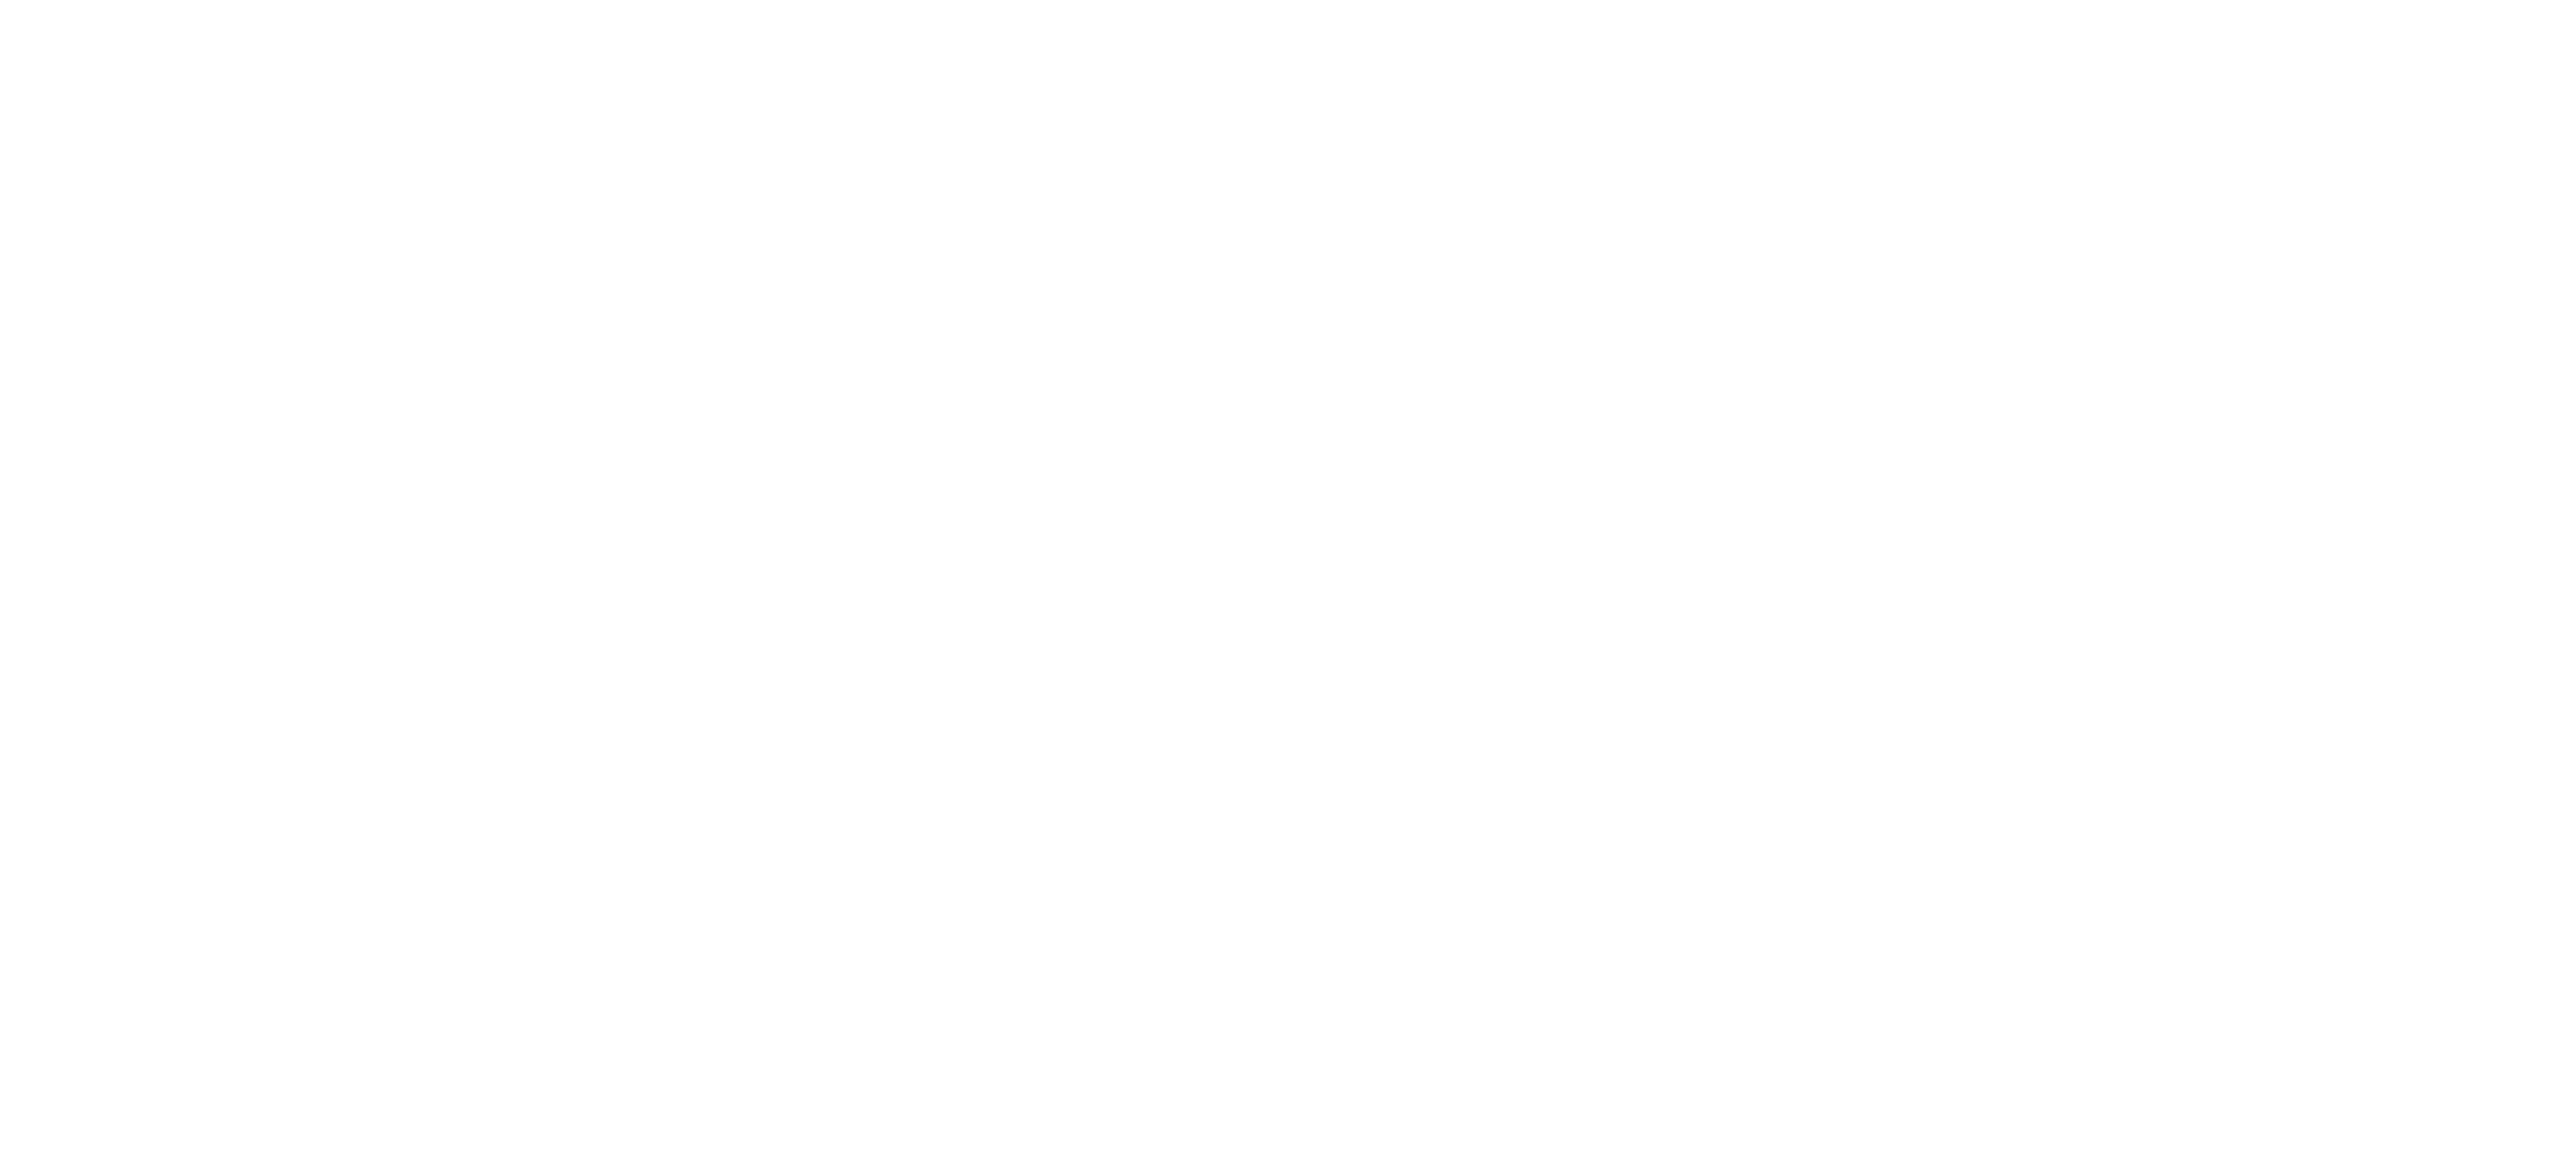 Stretford Scout District